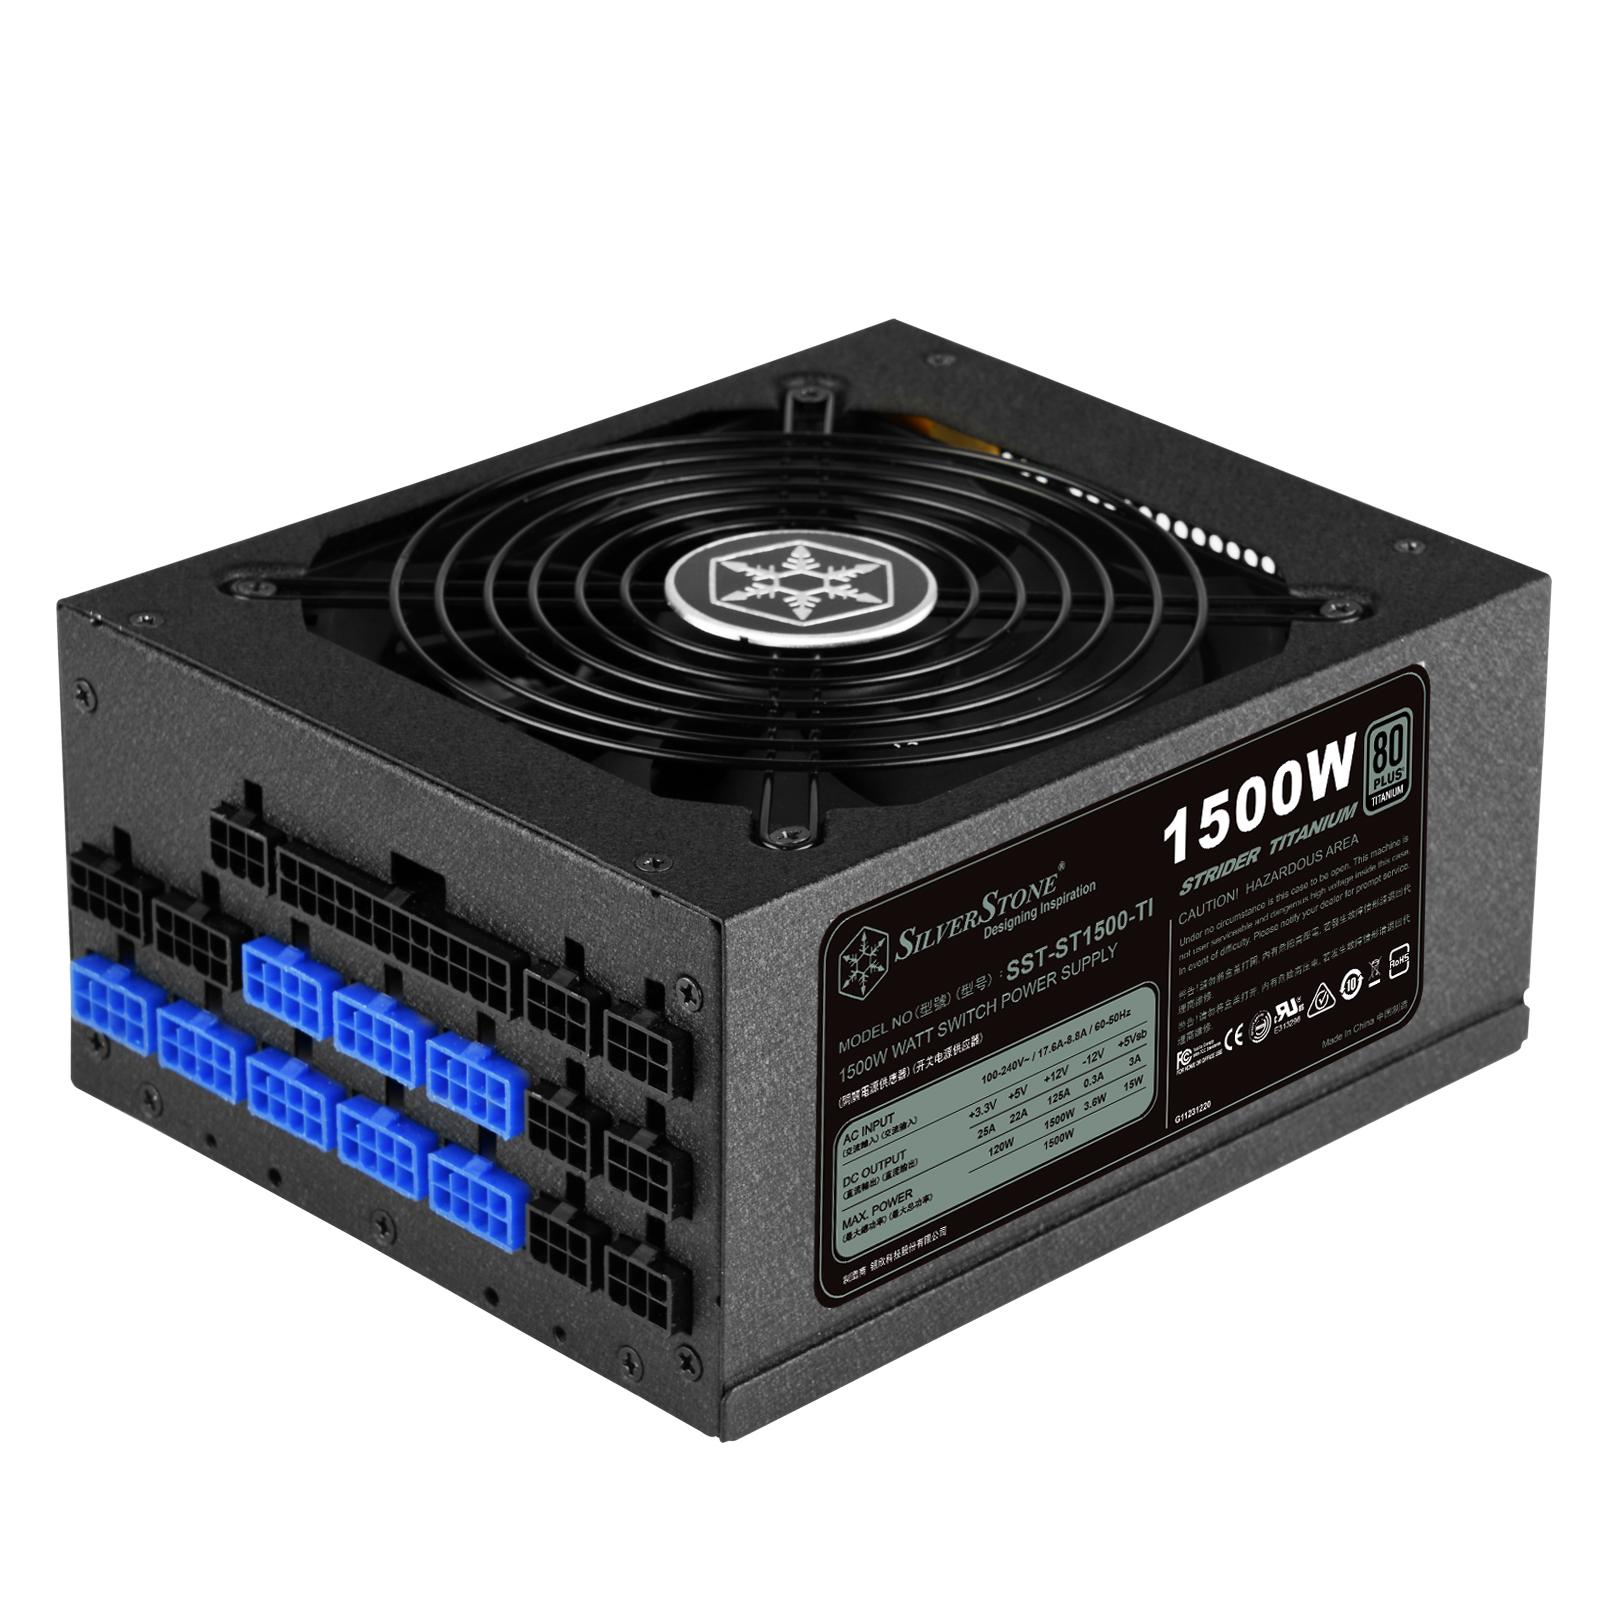 منبع تغذیه کامپیوتر سیلوراستون مدل SST-ST1500-TI